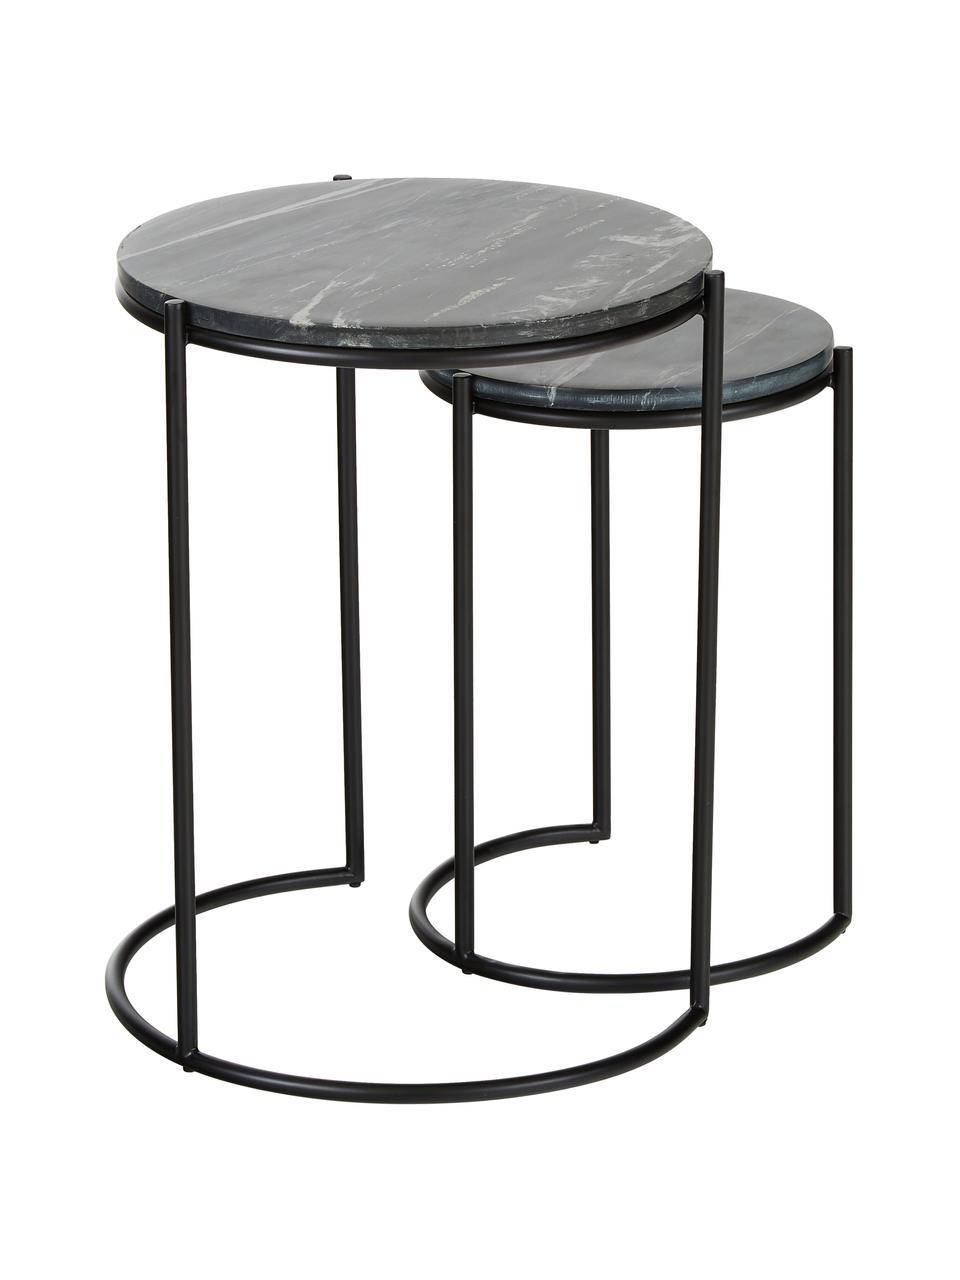 Set 2 tavolini con piano in marmo Ella, Ripiani: marmo, Struttura: metallo verniciato a polv, Piani d'appoggio: marmo nero Struttura: nero opaco, Set in varie misure